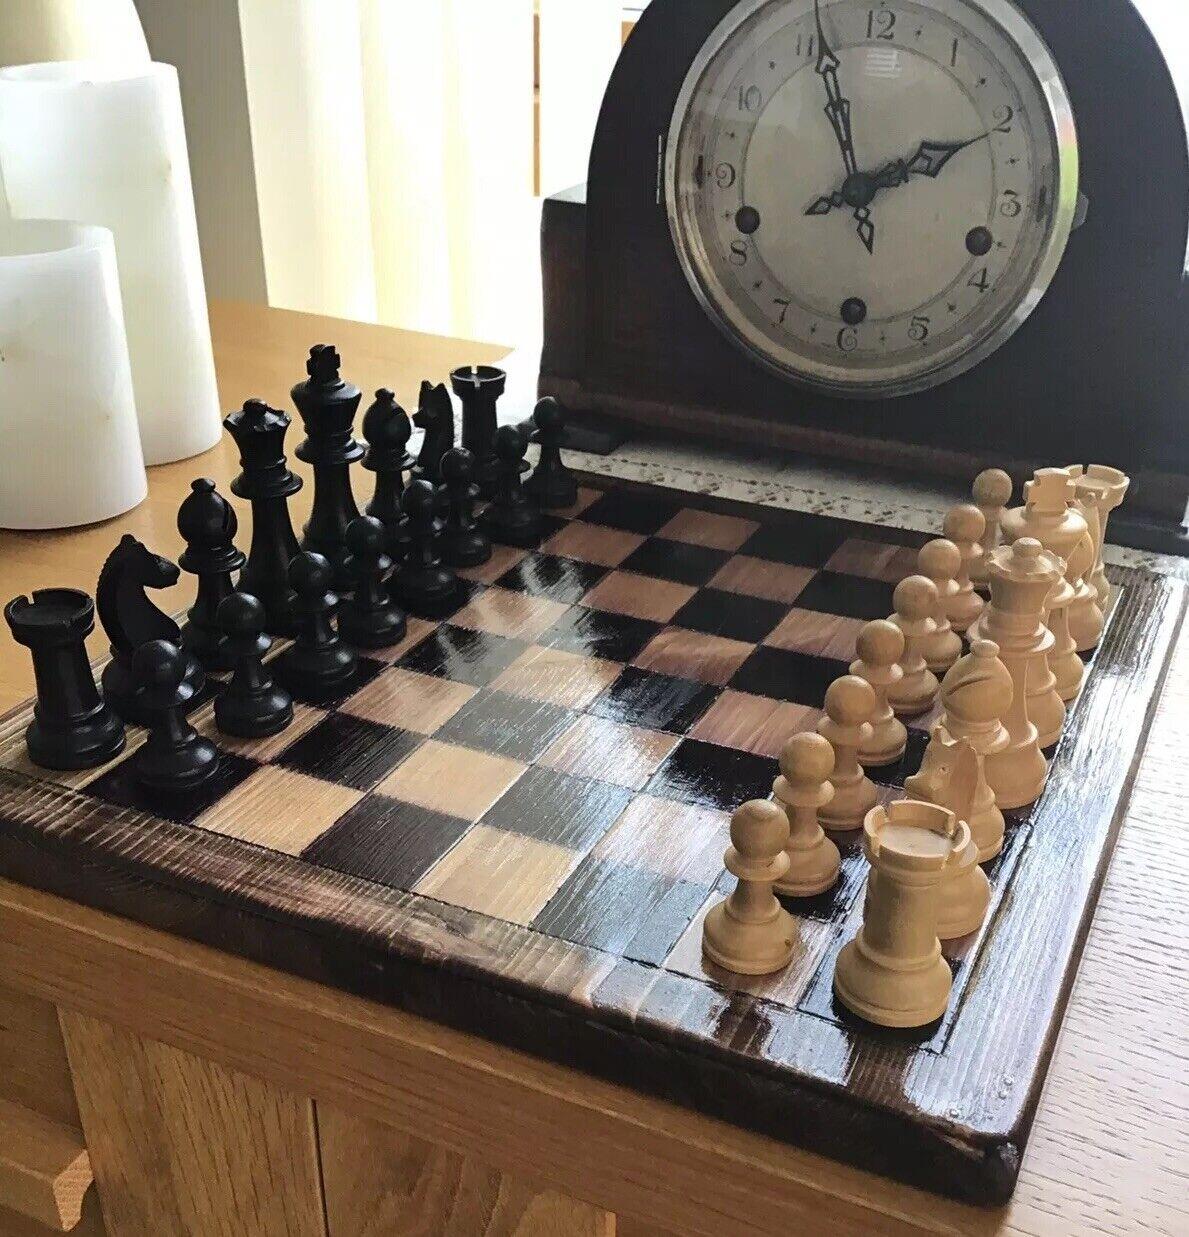 ♟ Chess Set et board  (en bois) ♟ vintage-grande-SUPERBE (30 cm x 30 cm) ⭐  avec 100% de qualité et 100% de service